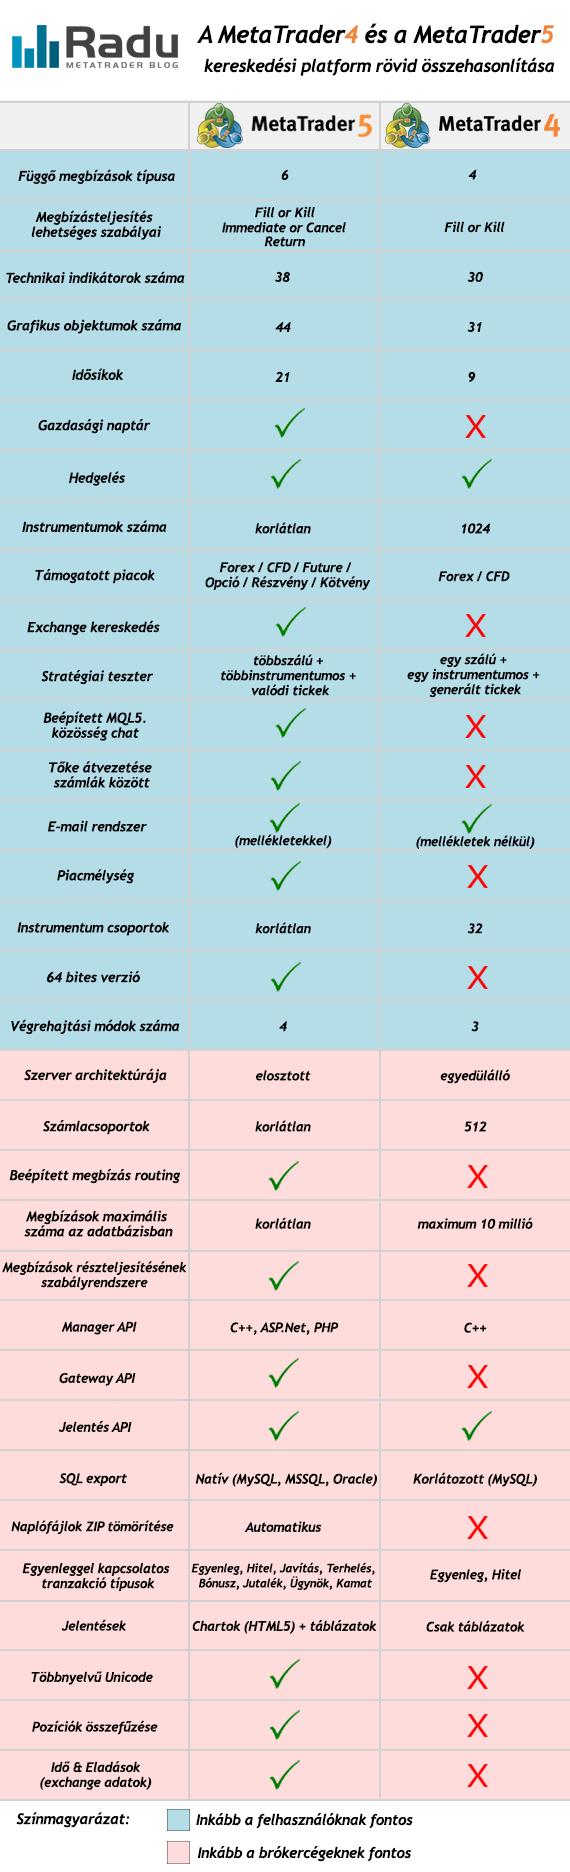 Főbb különbségek a MT4 és MT5 között